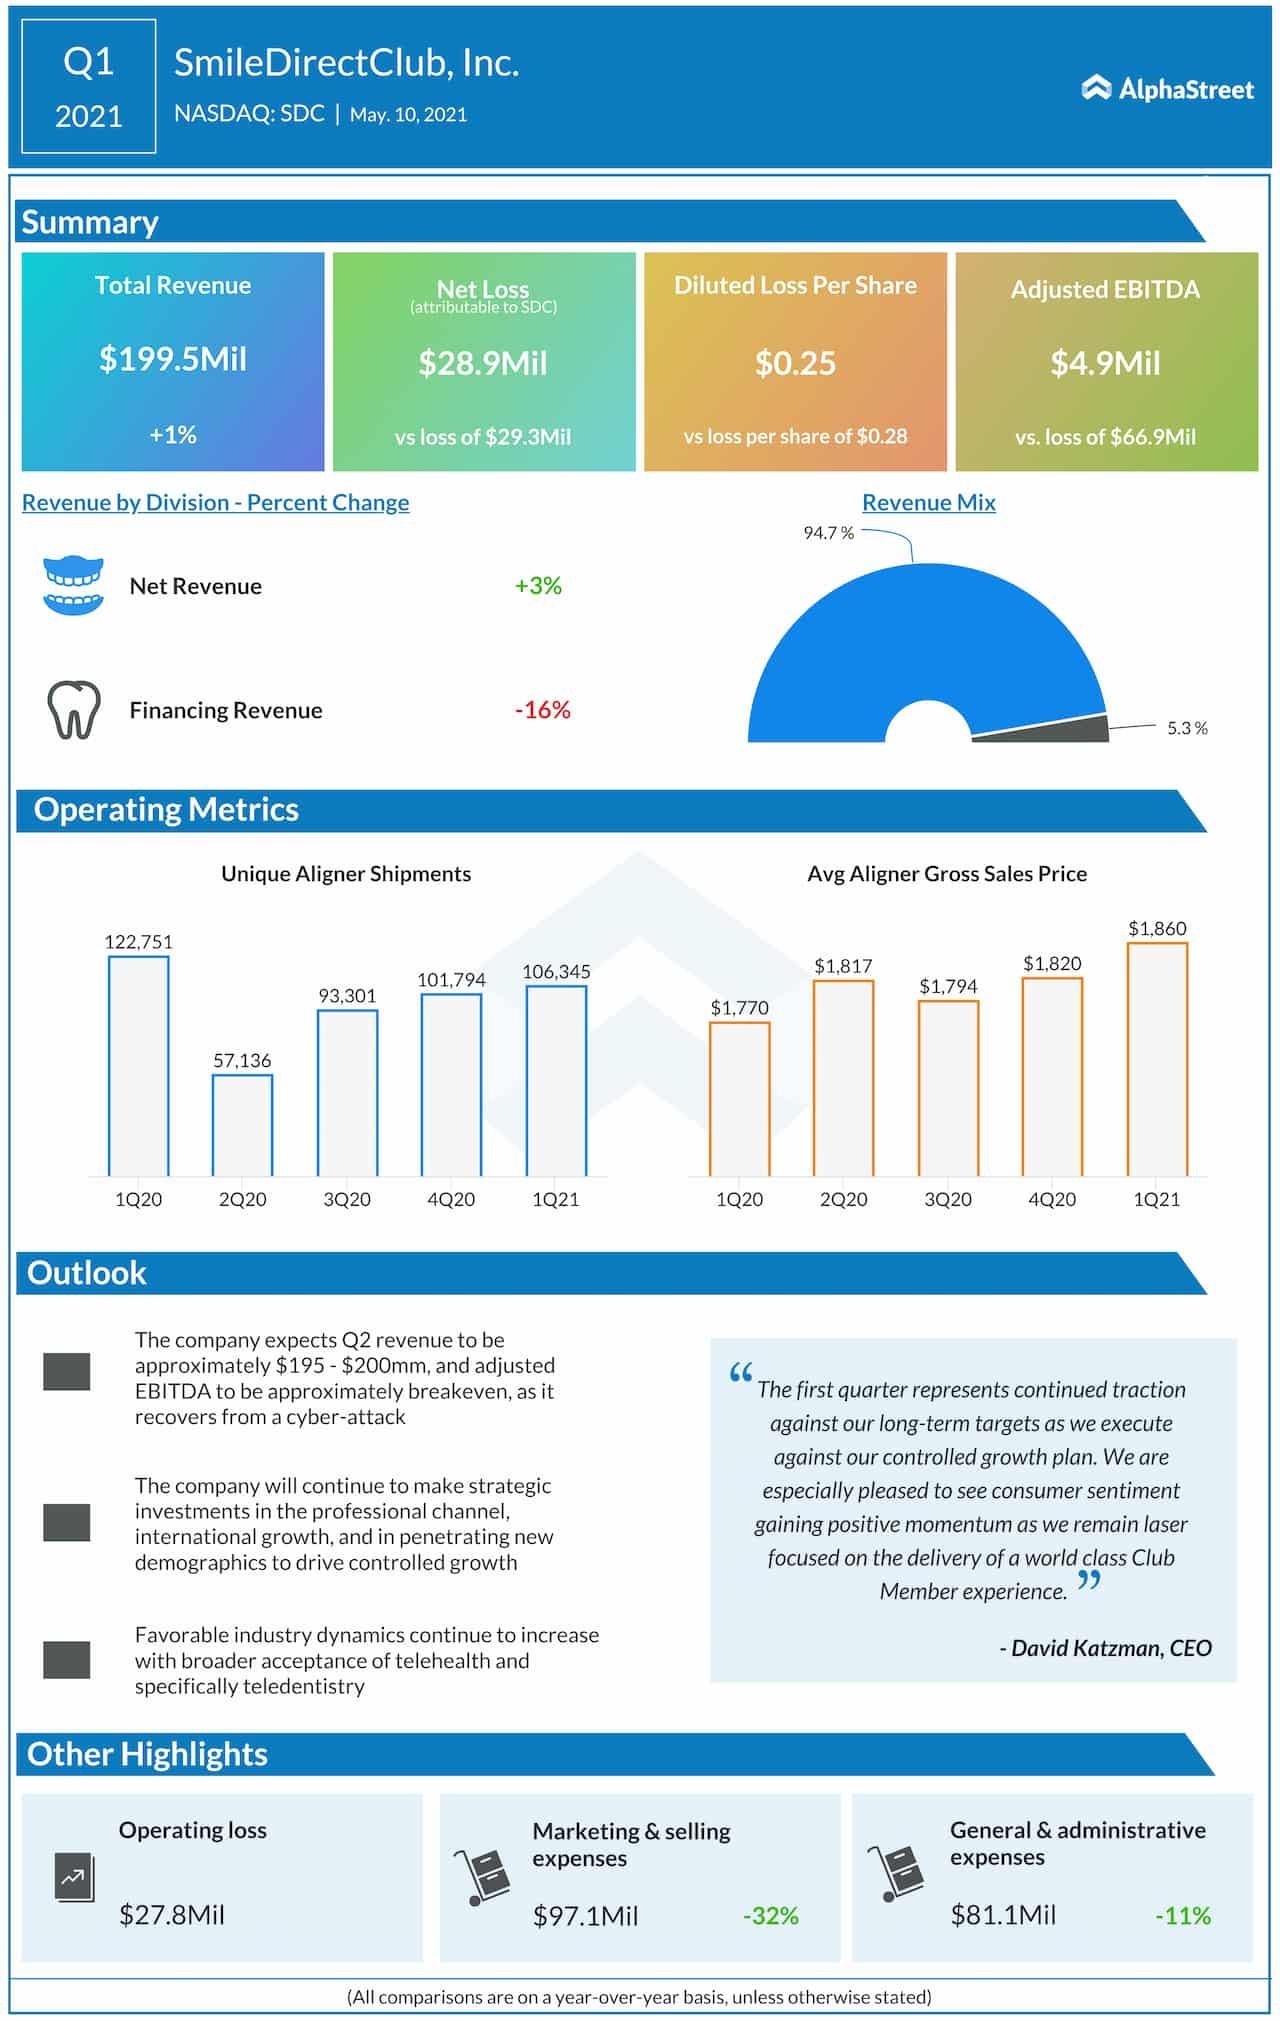 SmileDirectClub Q1 2021 earnings infographic